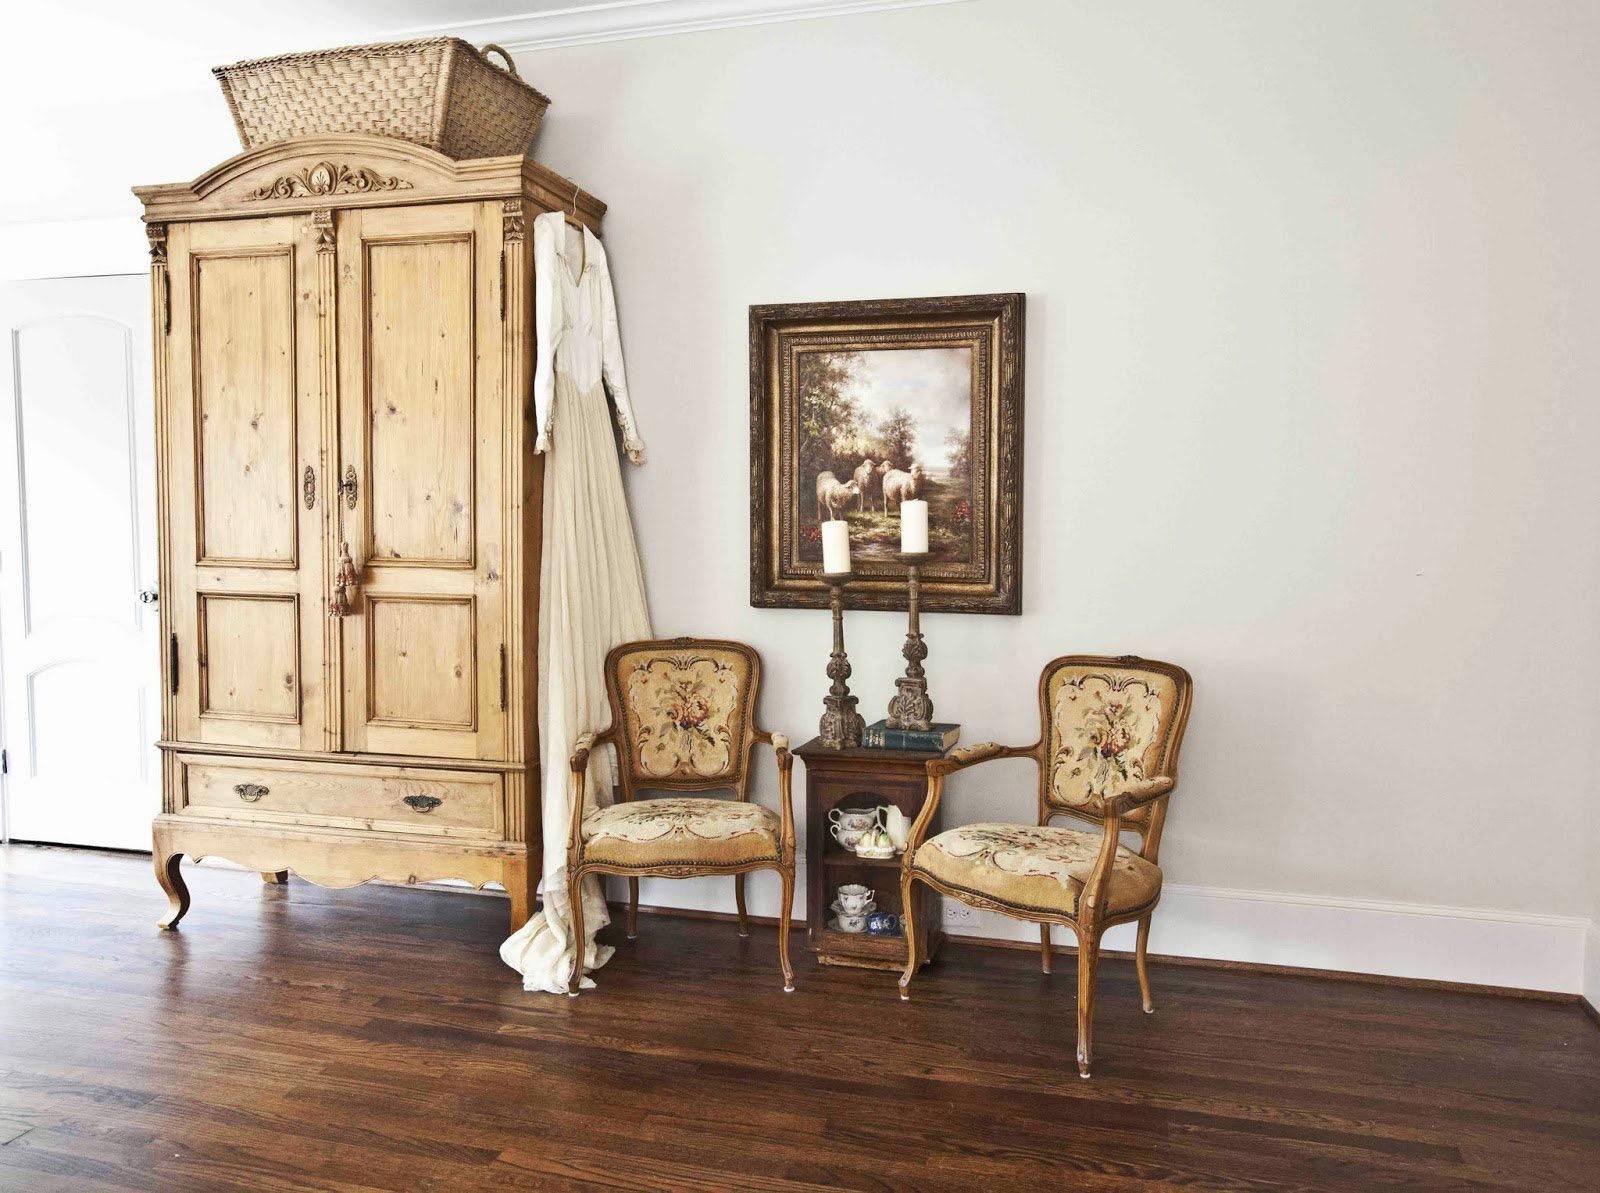 Мебель, декорированная в стиле прованс